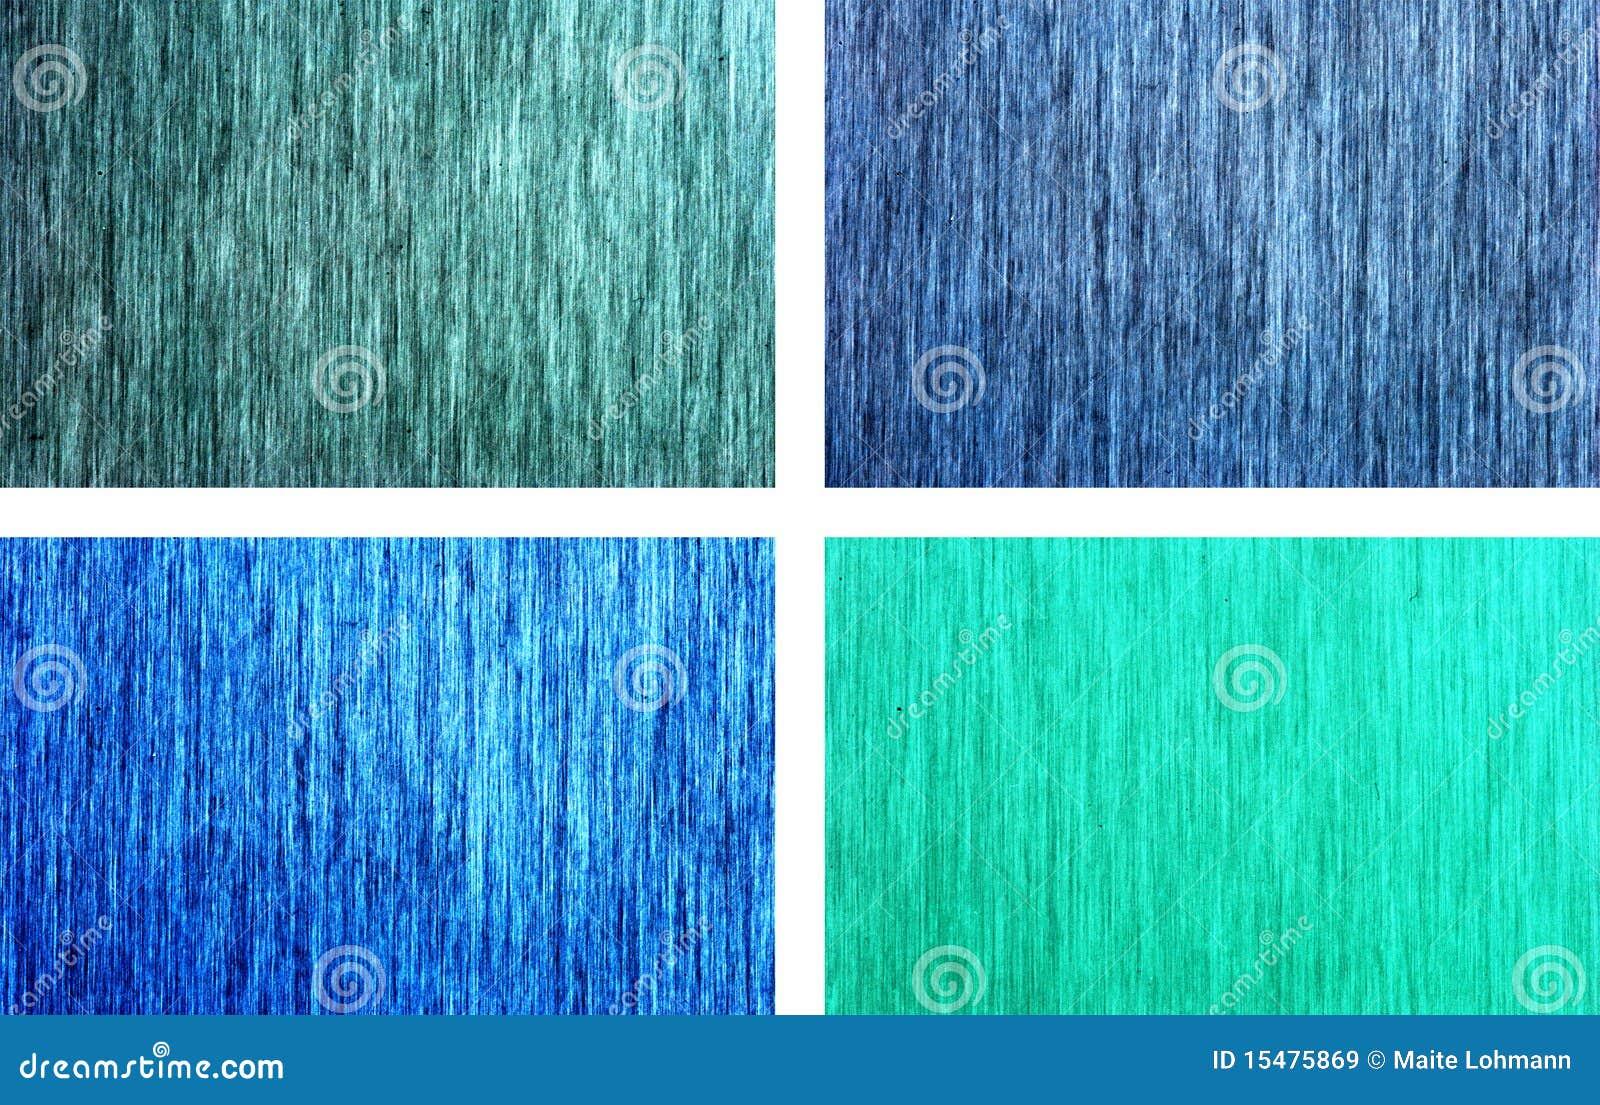 Kleur met een laag bedekte zink platen royalty vrije stock afbeeldingen beeld 15475869 - Kleur schilderij zink ...